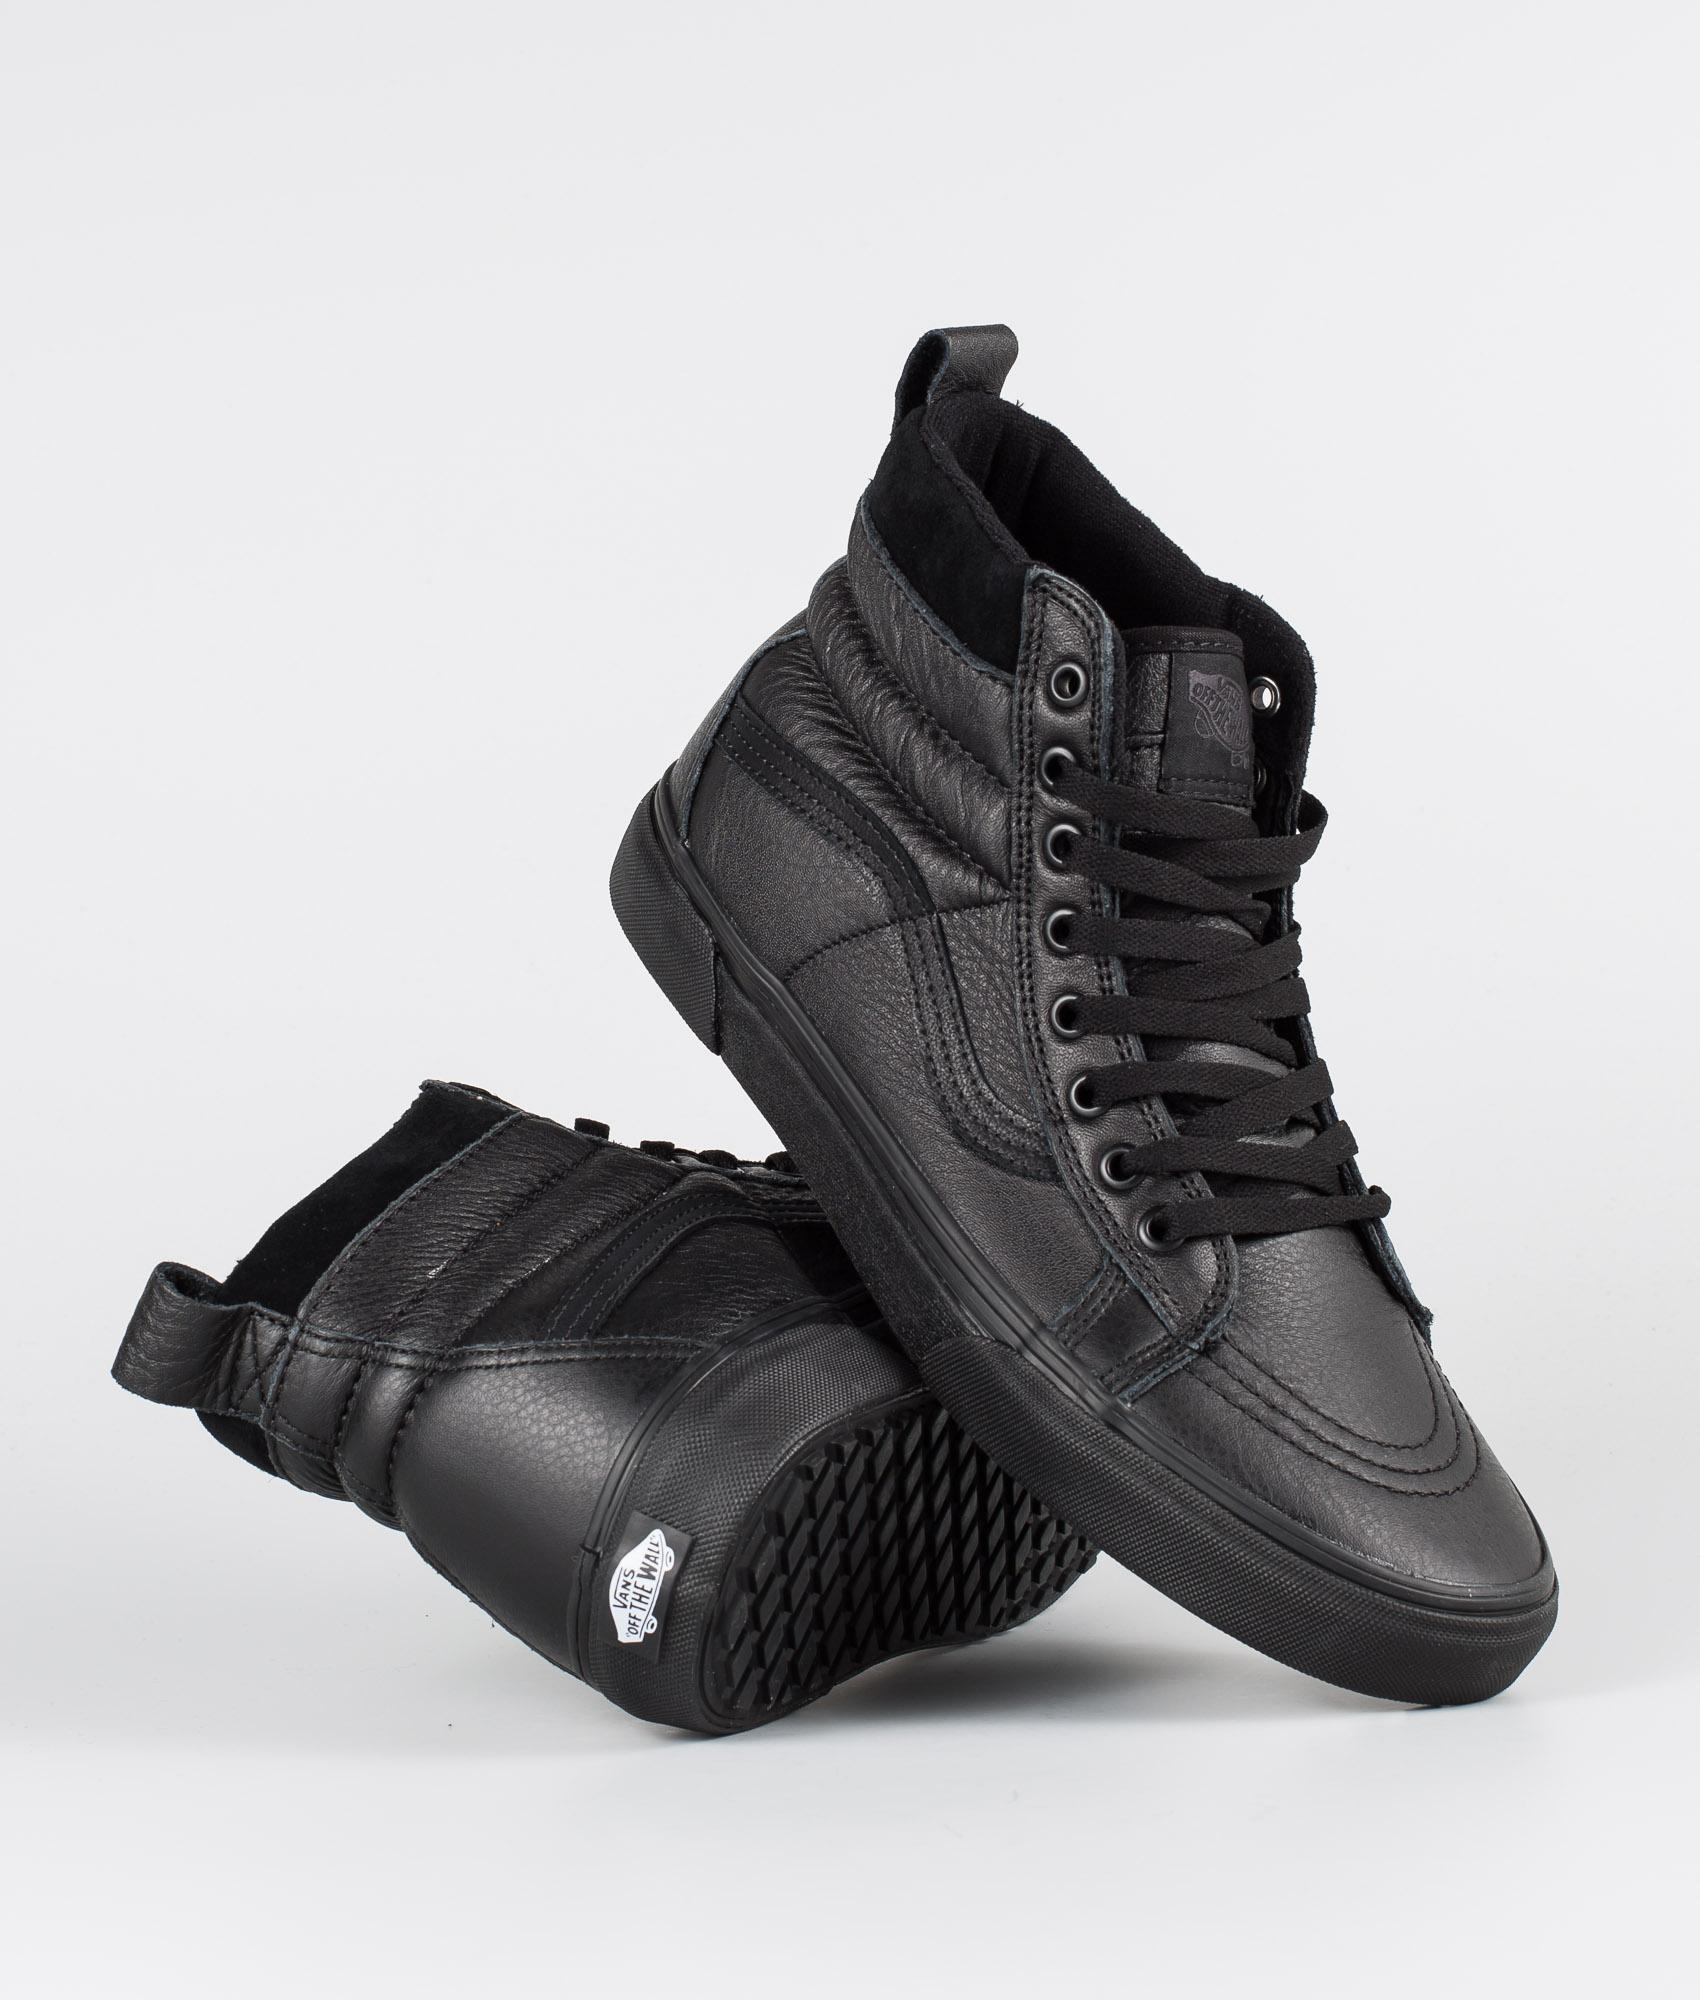 Vans Sk8 Hi MTE Black Leather | Schuhe und Kleidung